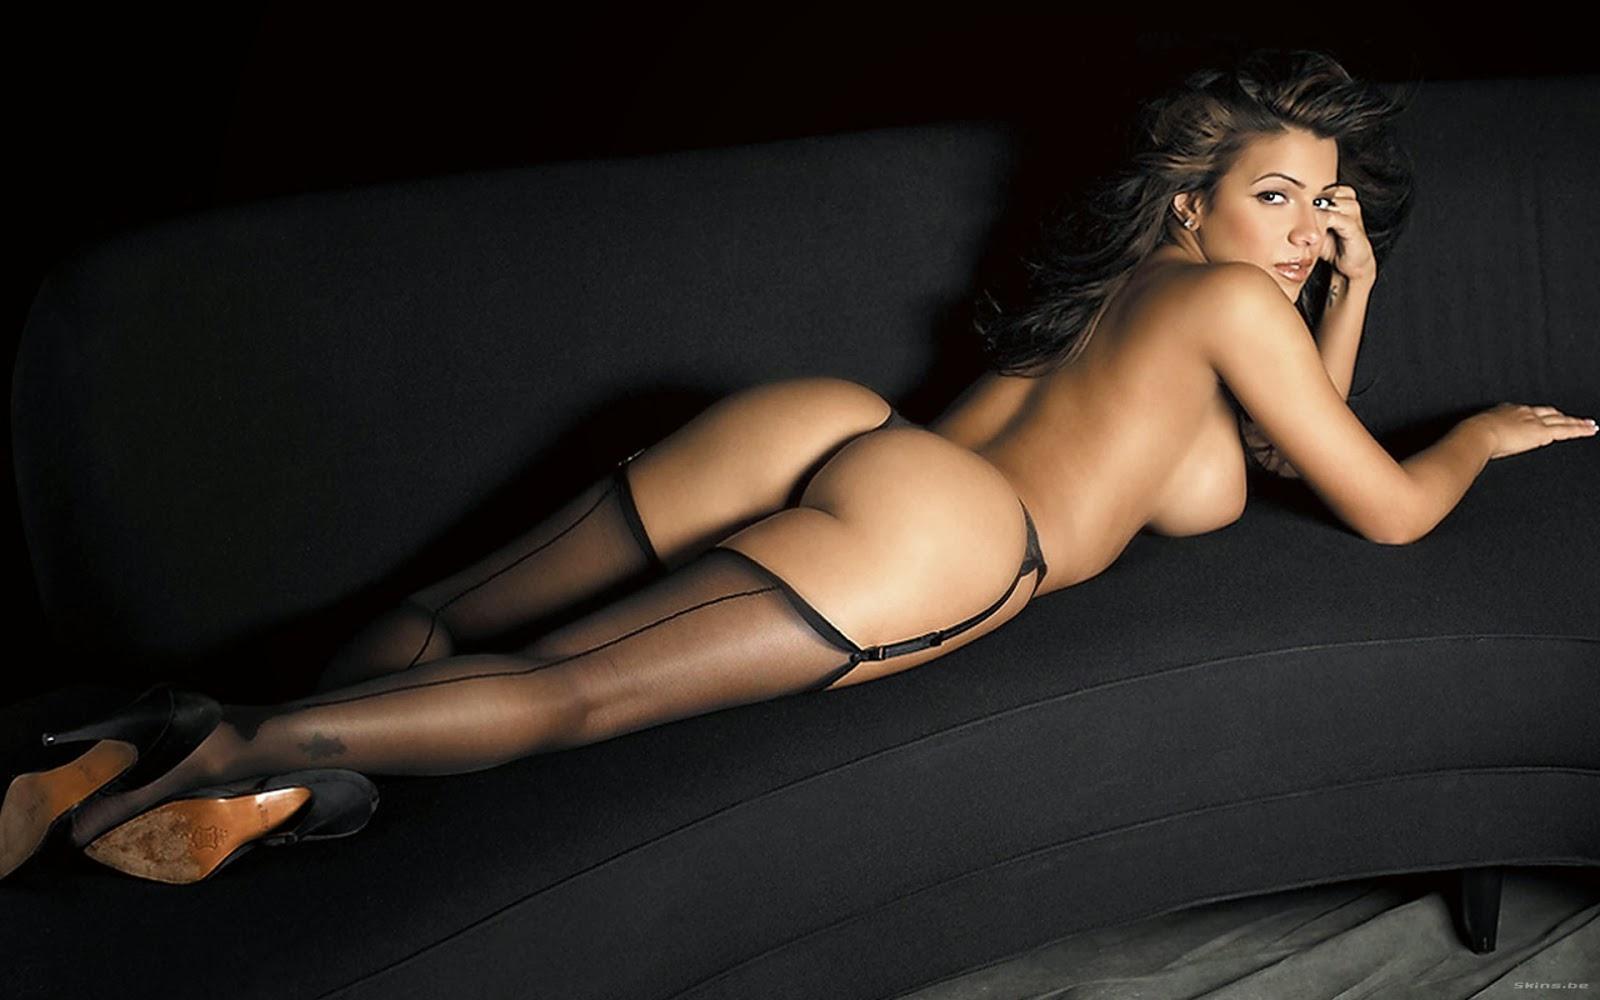 Sunny leone nude fucking cute photos